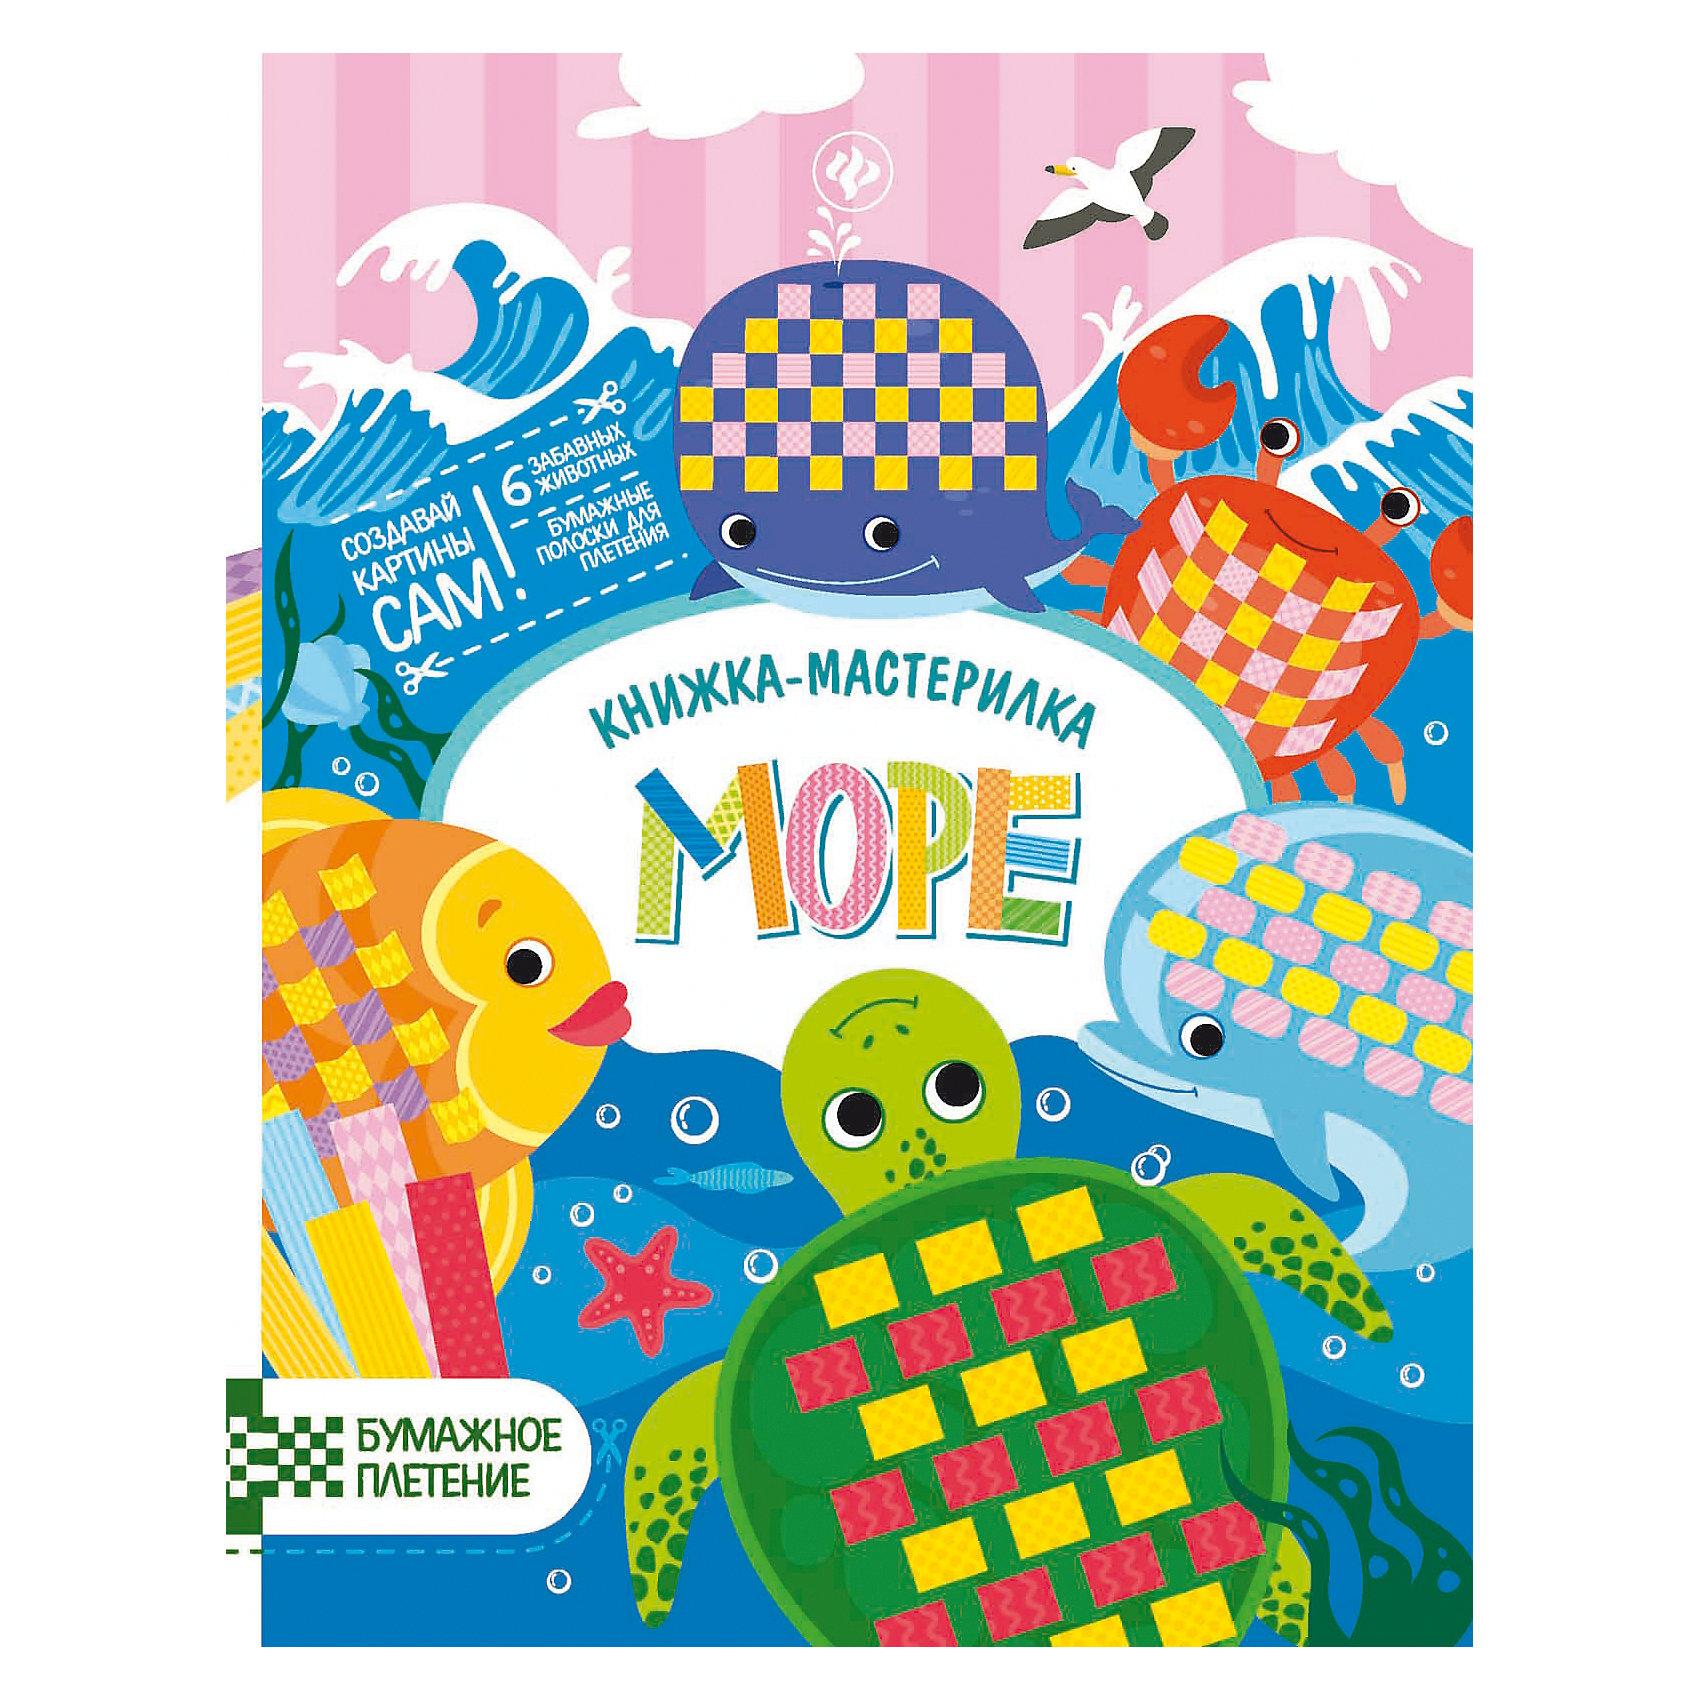 МореРисование<br>Книжка Море, 2-е издание<br><br>Характеристики: <br><br>• Кол-во страниц: 16<br>• ISBN: 9785222275290<br>• Возраст: 0+<br>• Обложка: мягкая <br>• Формат: а4<br><br>Эта книга будет очень полезна и подарит много радости тем детям, которые любят делать поделки своими руками. Из разноцветных бумажных полосочек из этой книги можно сплести разнообразных животных и сделать необычные картинки в подарок родителям или друзьям. Работа с этой книгой  позволяет развить мелкую моторику и фантазию.<br><br>Книжка Море, 2-е издание можно купить в нашем интернет-магазине.<br><br>Ширина мм: 260<br>Глубина мм: 199<br>Высота мм: 20<br>Вес г: 70<br>Возраст от месяцев: -2147483648<br>Возраст до месяцев: 2147483647<br>Пол: Унисекс<br>Возраст: Детский<br>SKU: 5464520